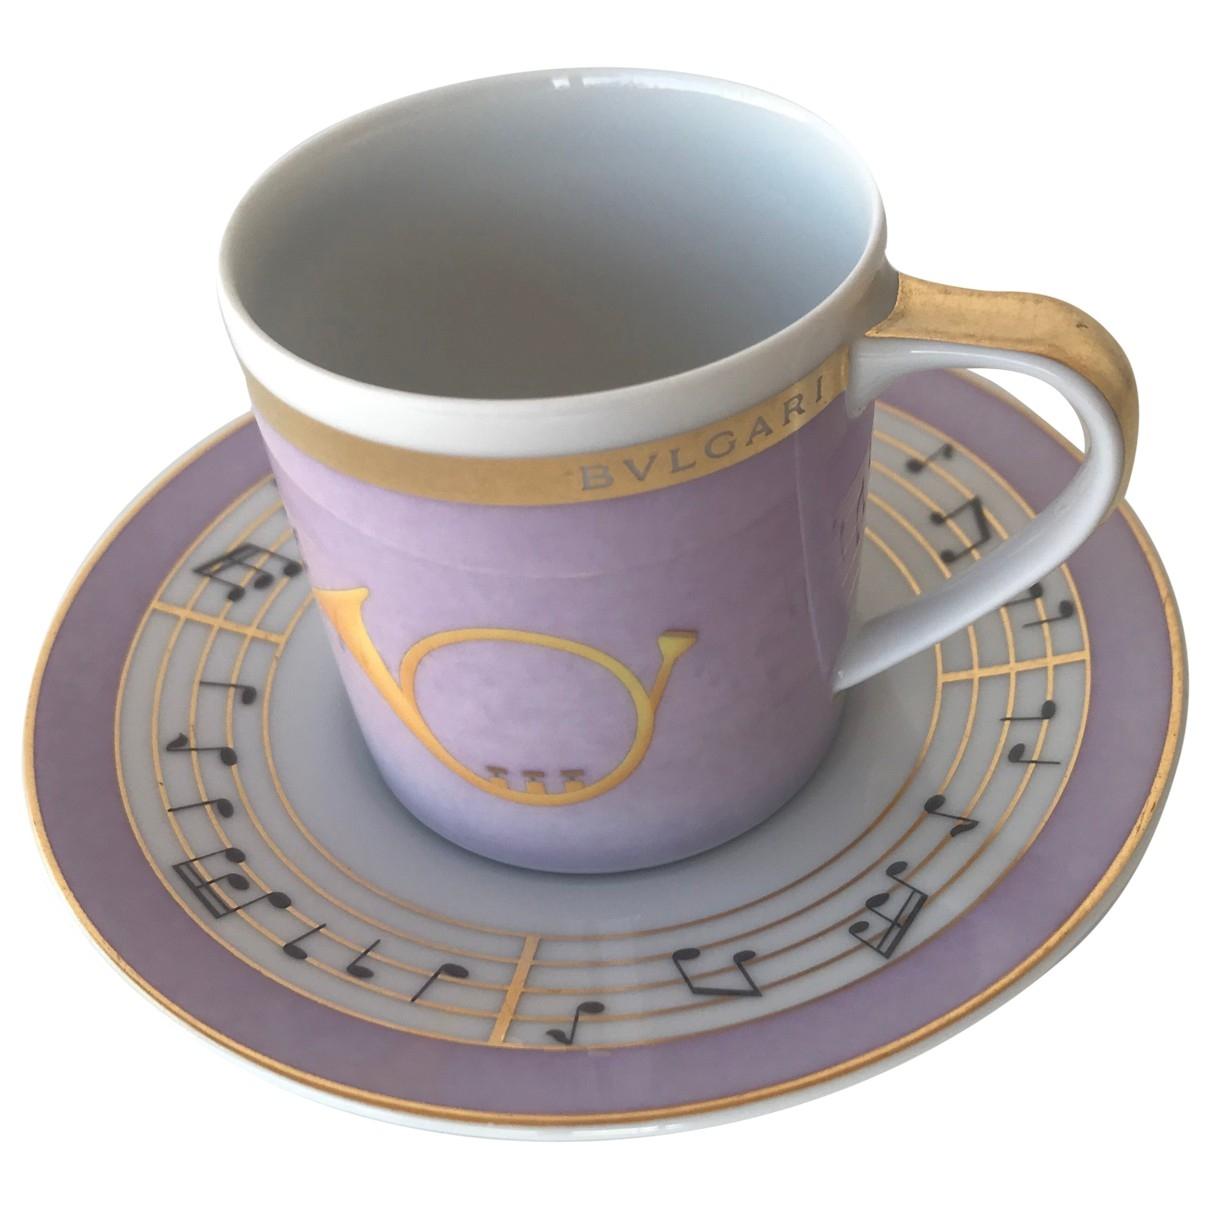 Bvlgari - Arts de la table   pour lifestyle en ceramique - violet